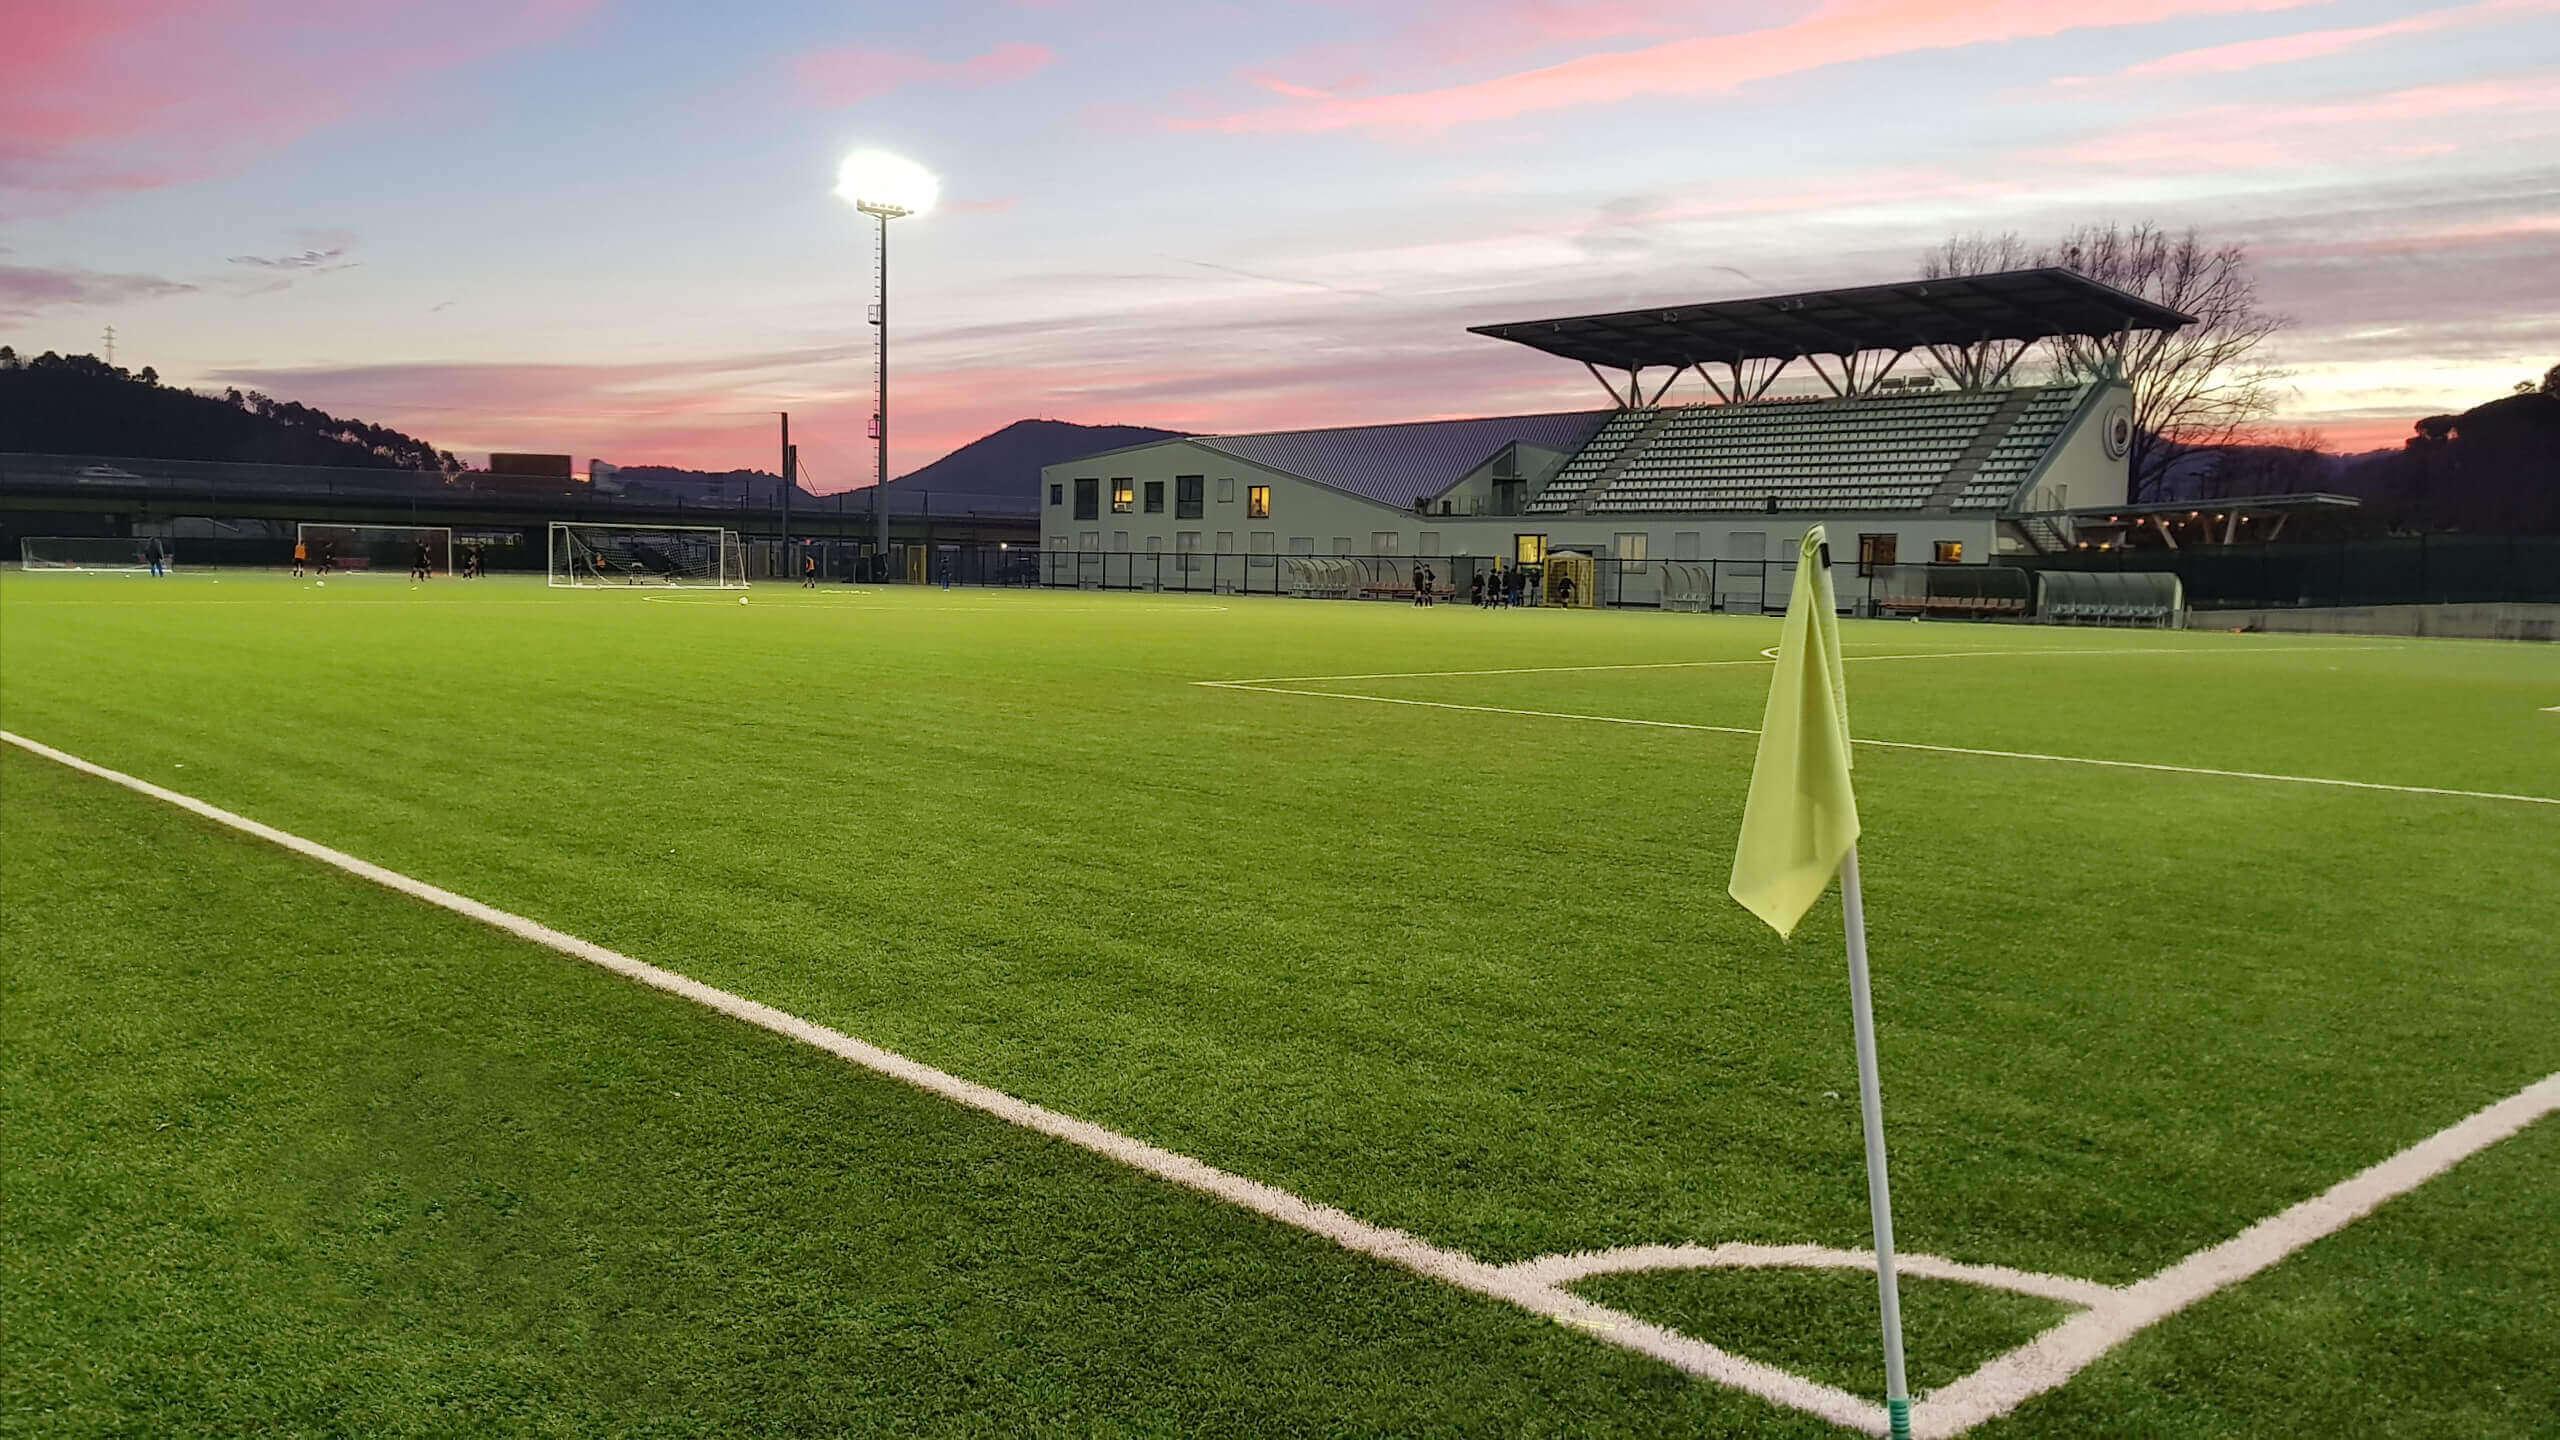 Centro-sportivo-ferdeghini-spezia-calcio-1